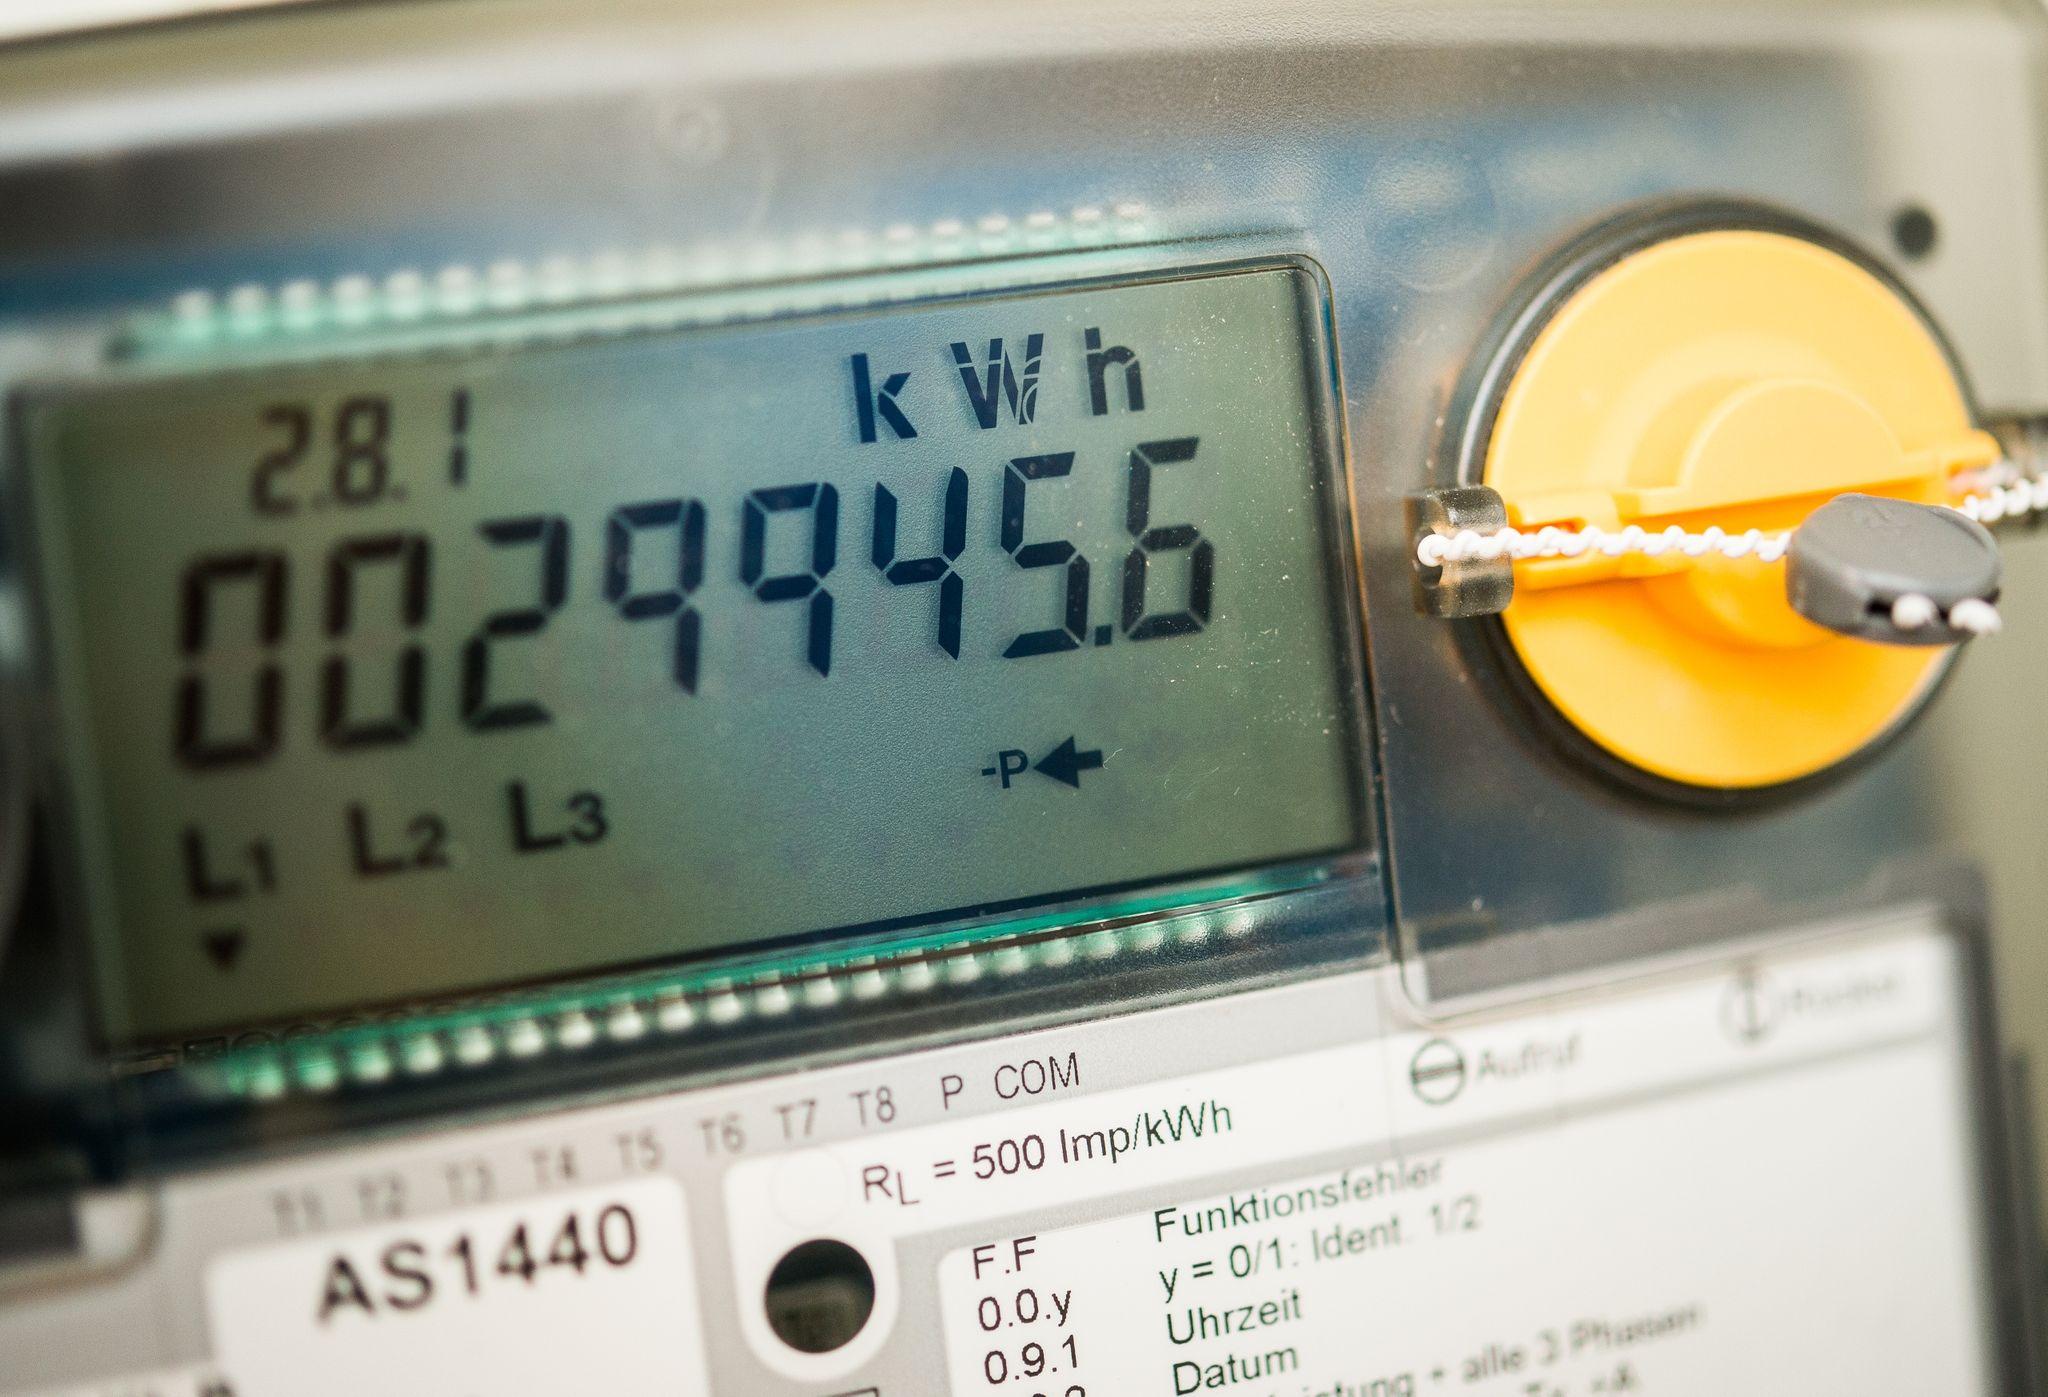 Verbraucher mussten im Juni 2020 deutlich weniger für Energie im Haushalt zahlen. Foto: dpa